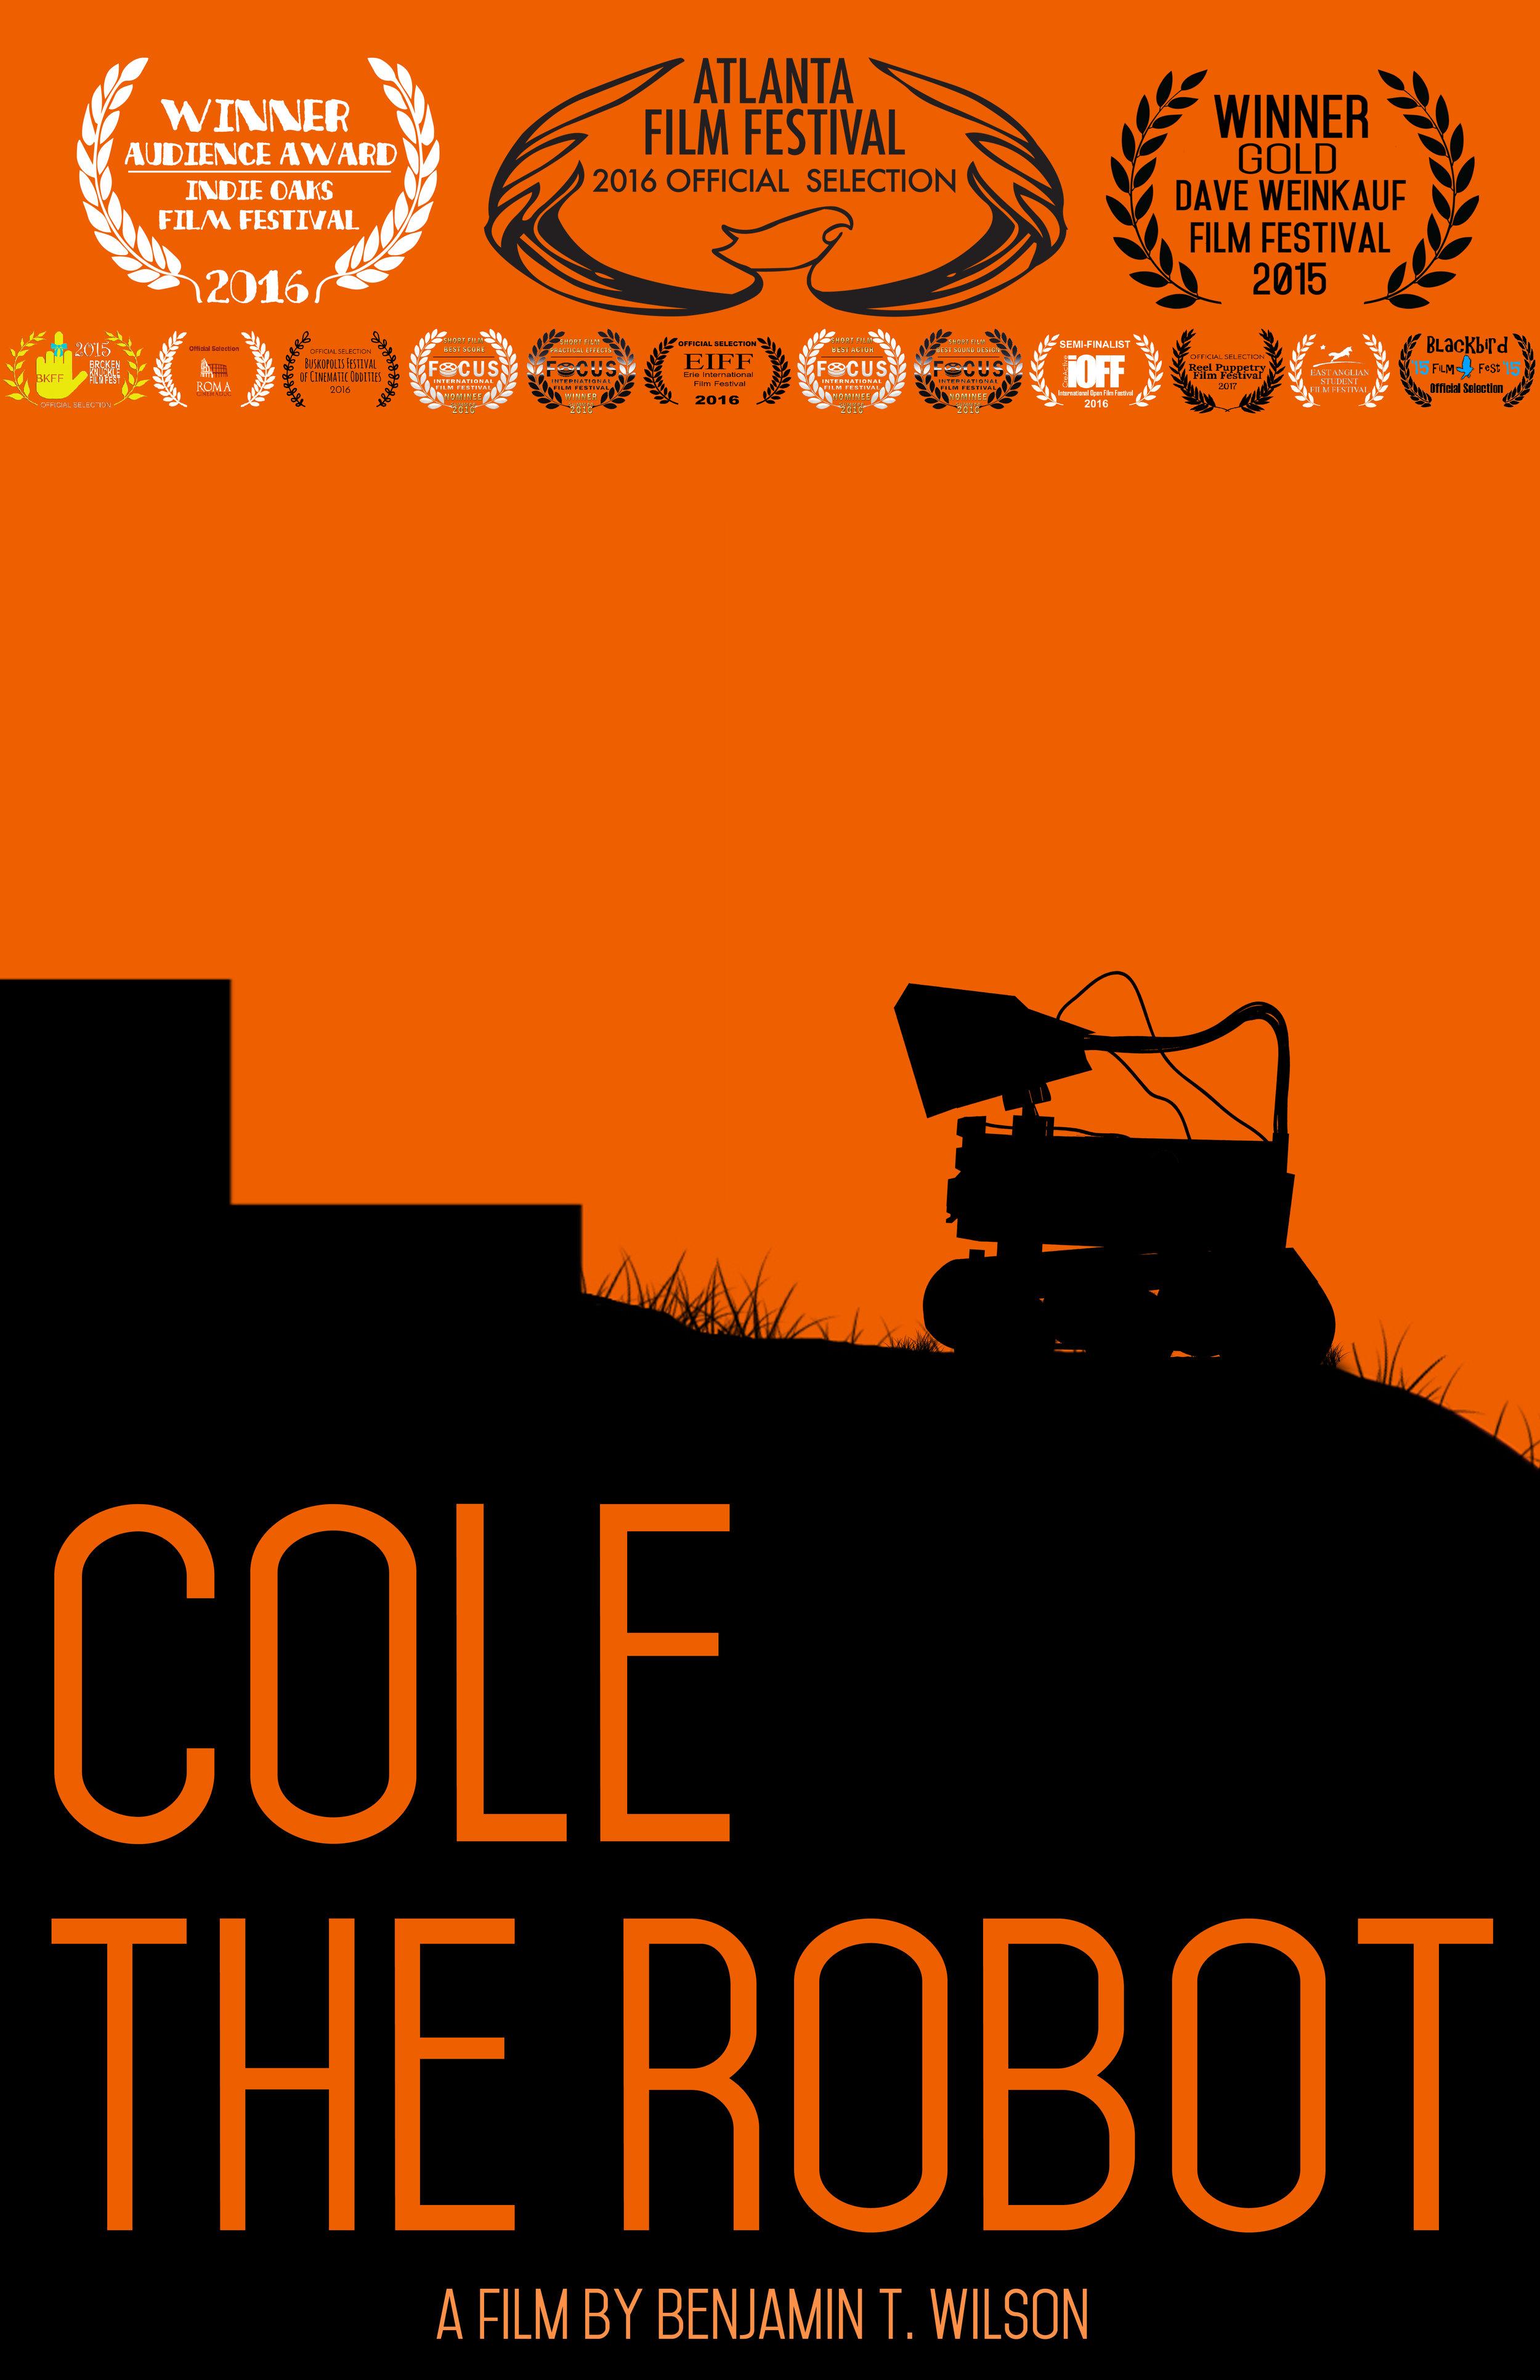 ColePoster_003.jpg